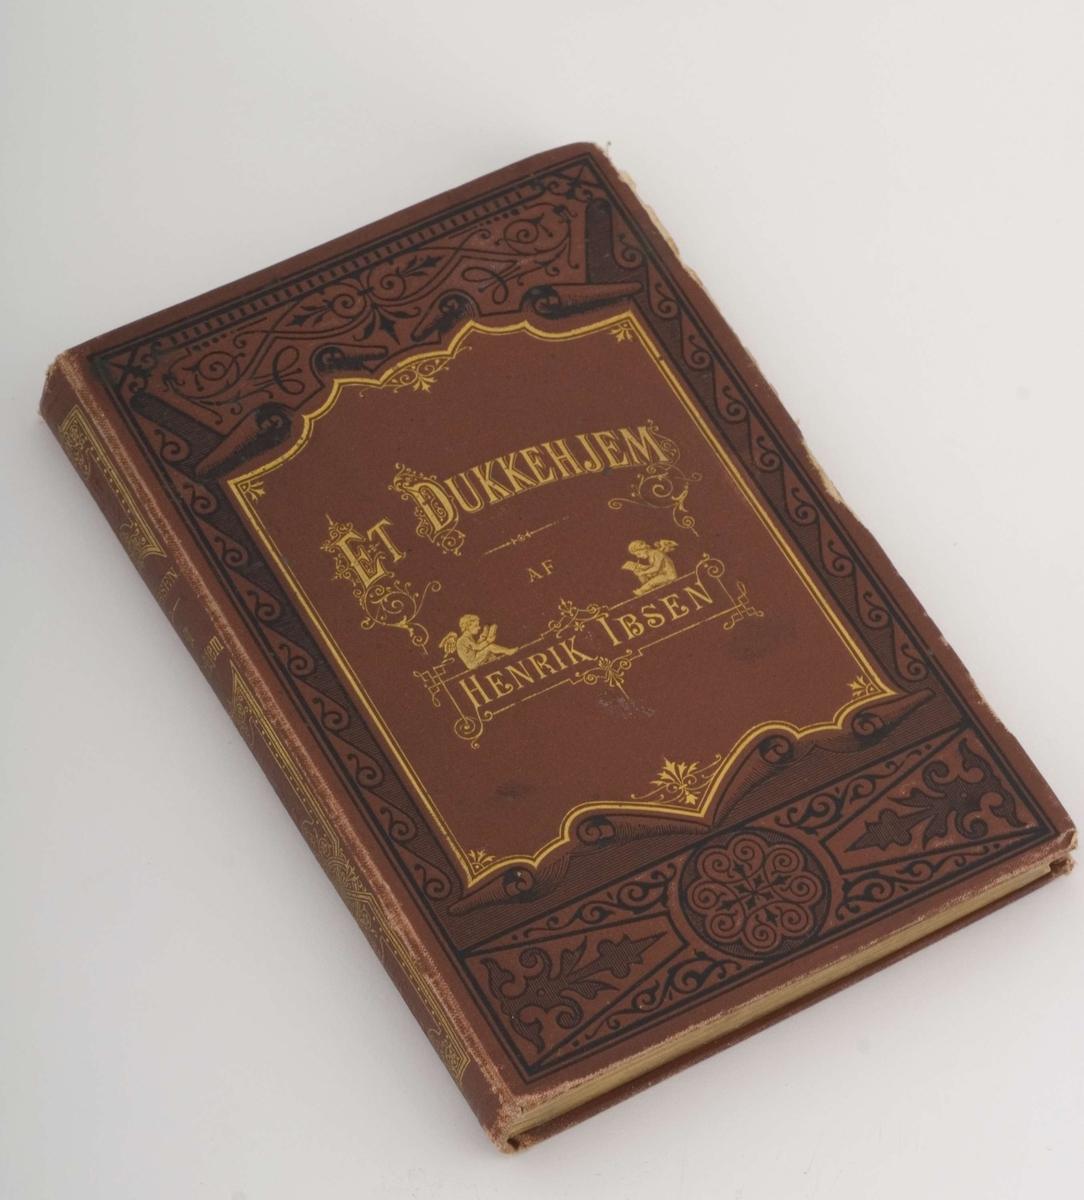 Førsteutgave av Henrik Ibsen: Et dukkehjem med. Rødt omslag med preget mønster og gulldekor samt helt gullsnitt.